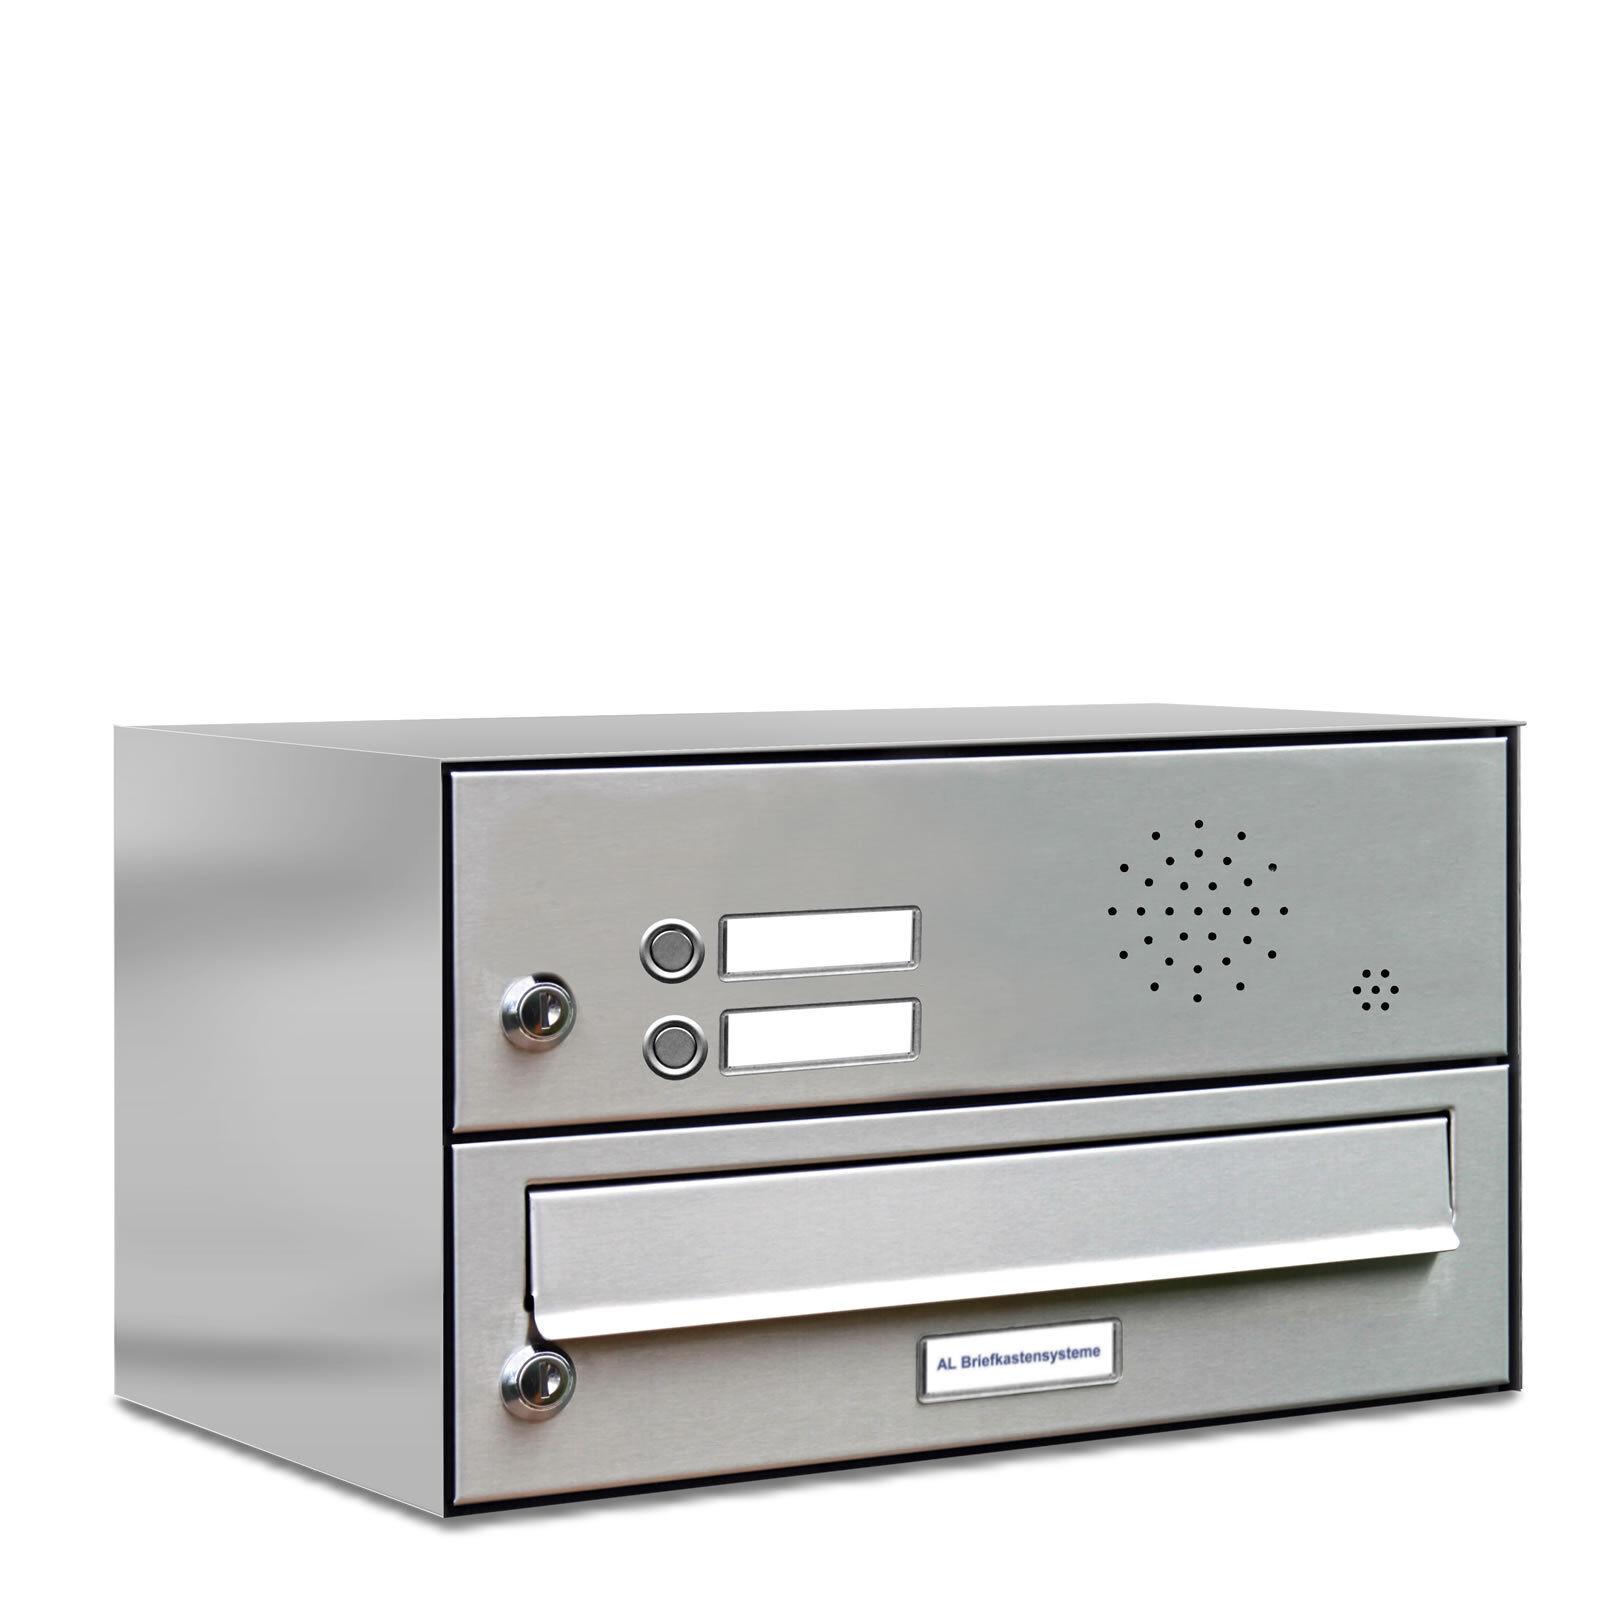 1er Premium V2A Edelstahl Briefkasten Anlage mit Klingel 1 Fach A4 Postkasten